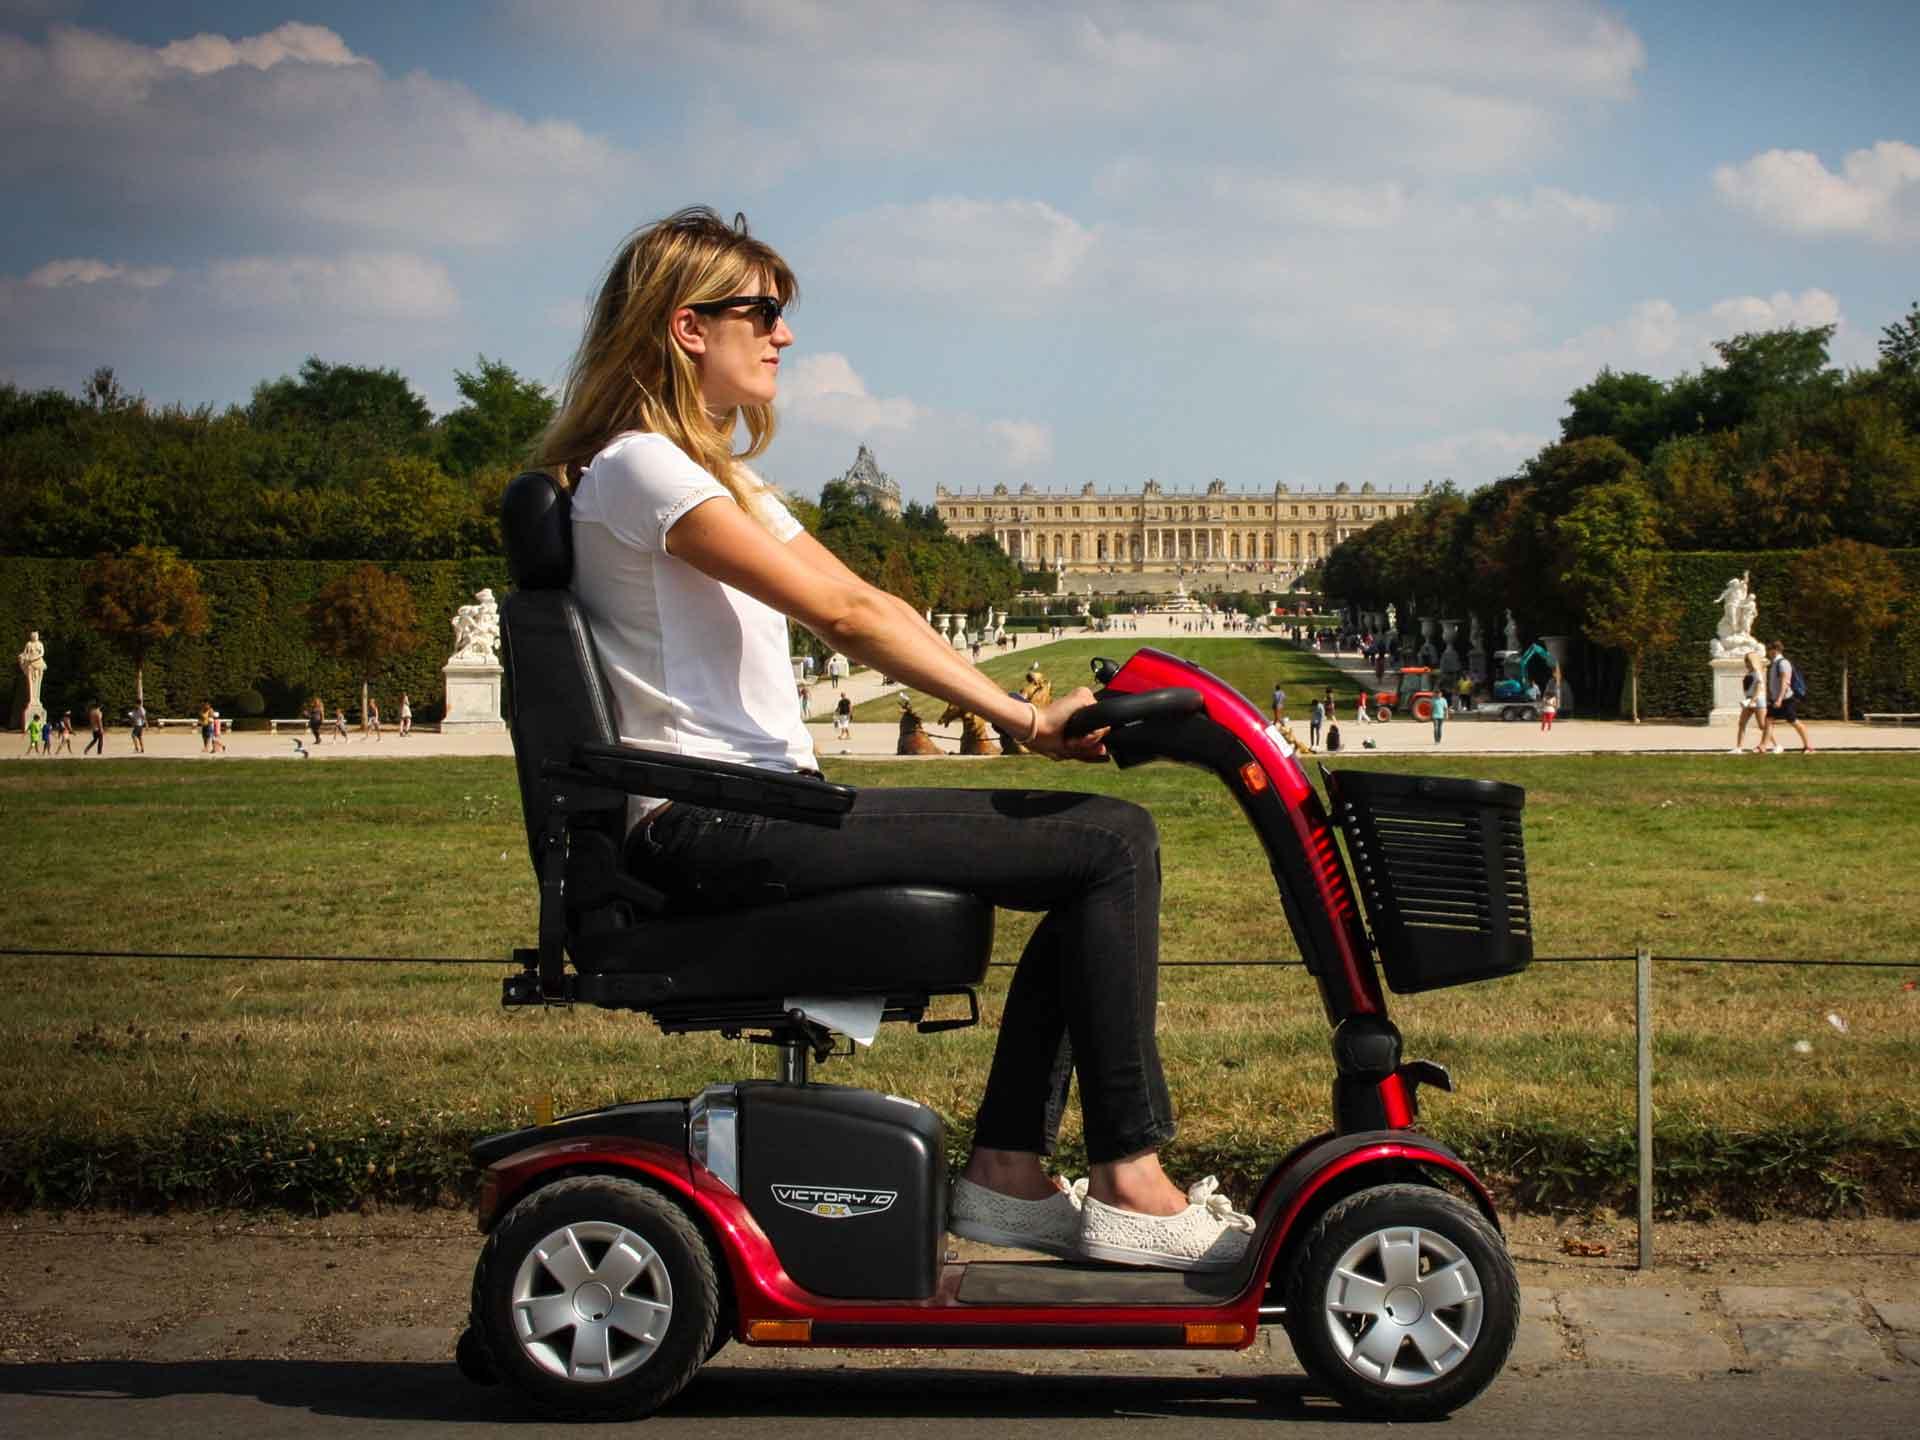 Scooter électrique pour pmr, location pour tourisme et visite